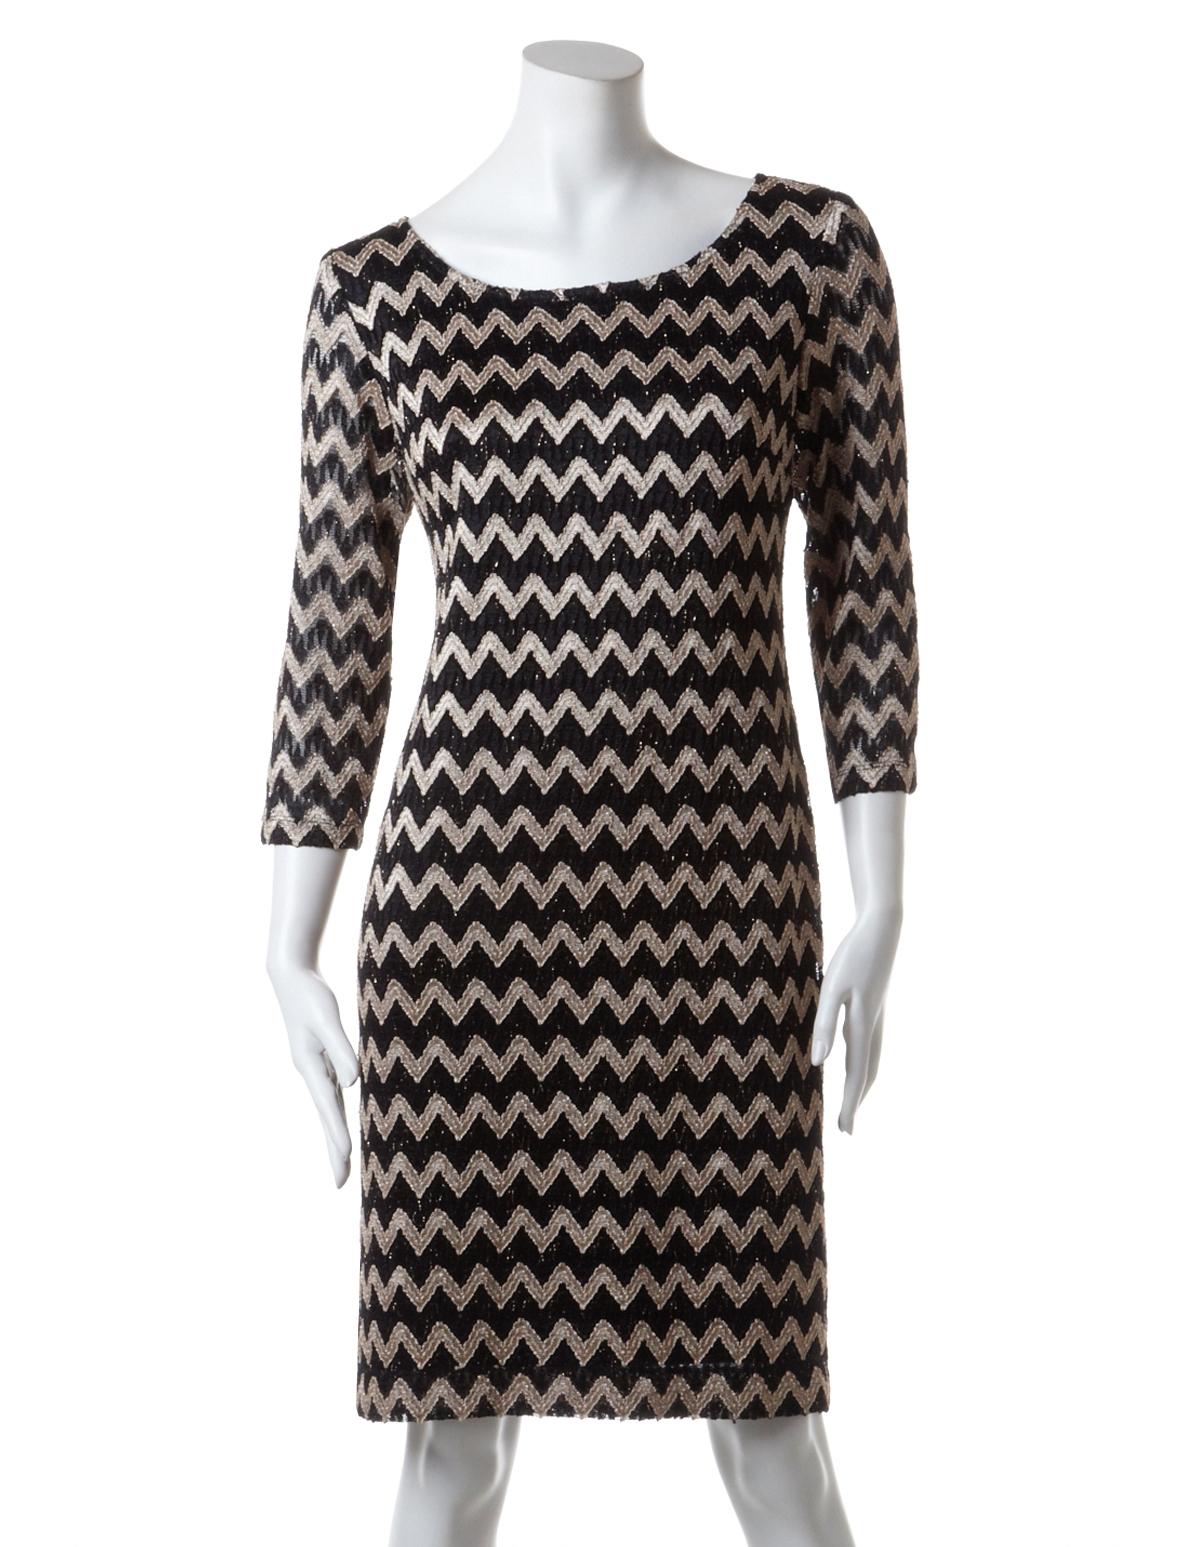 90a50a5725 Zig Zag Lace Overlay Shift Dress